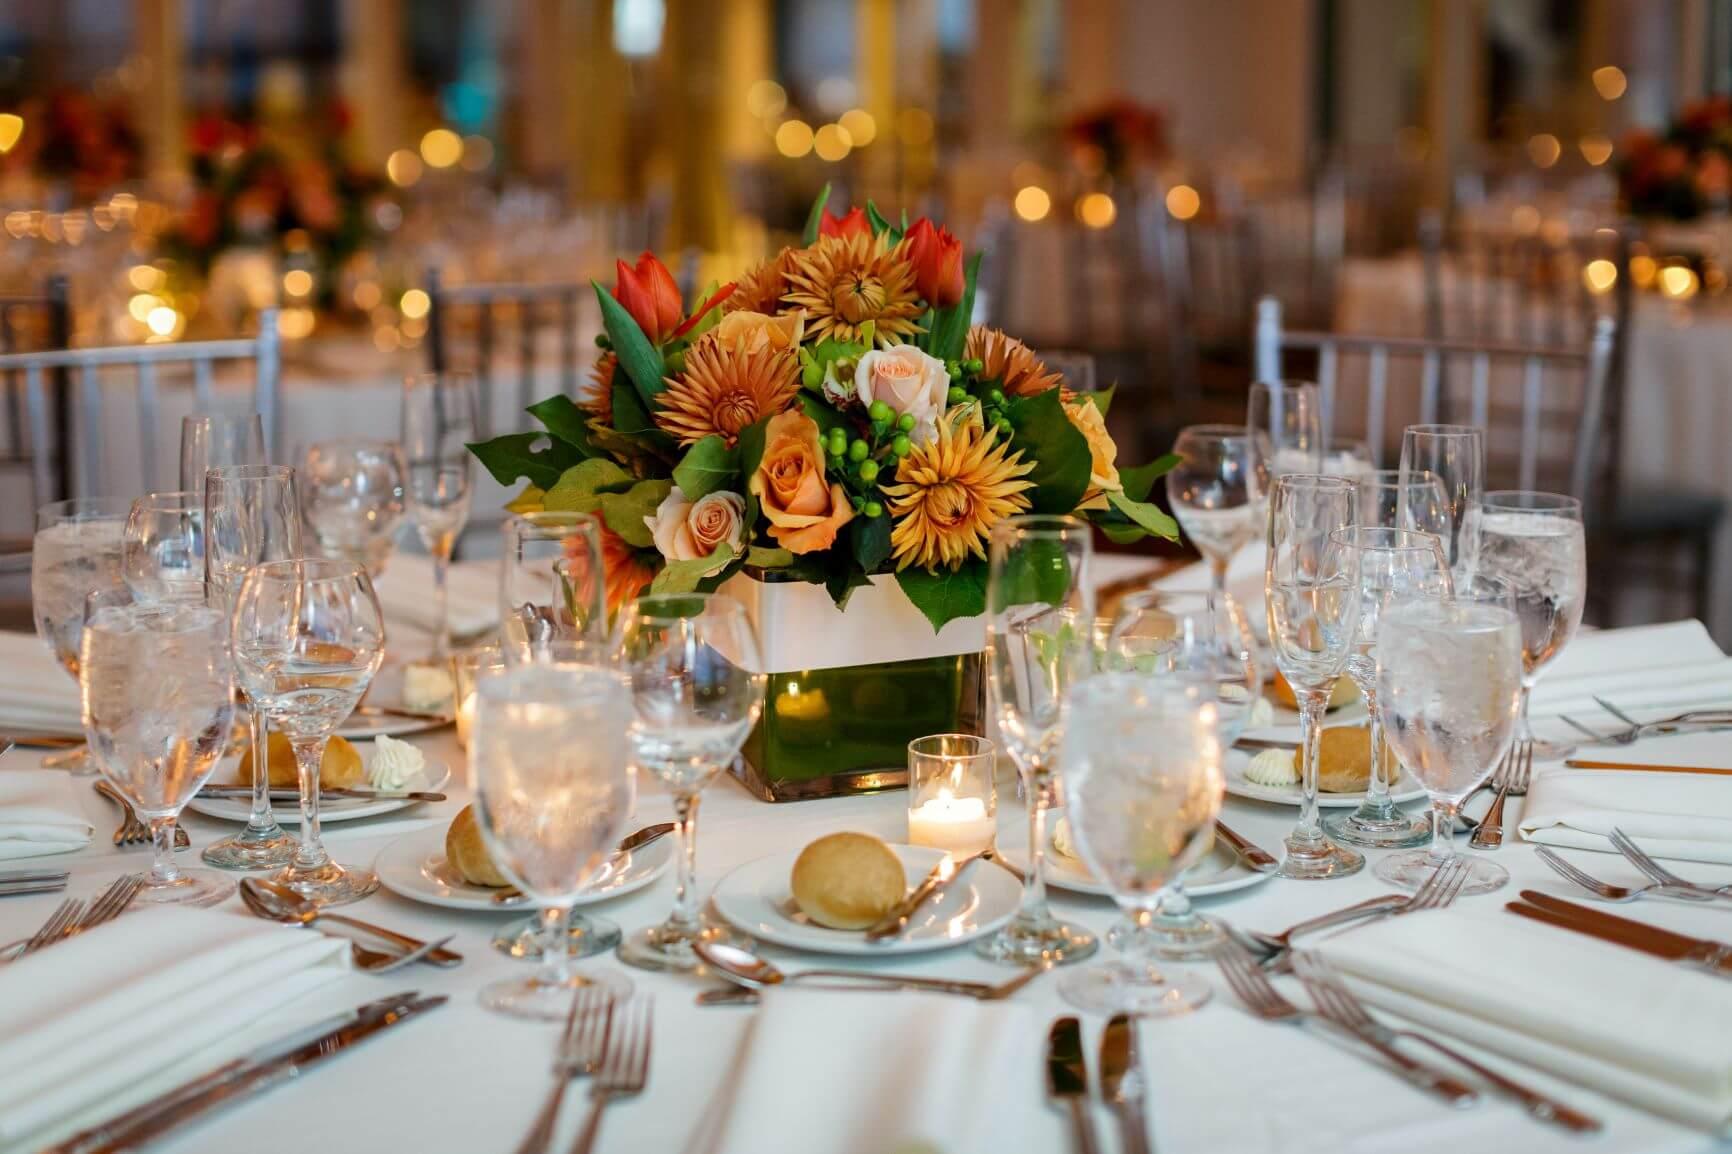 Creative Wedding Centrepieces Ideas